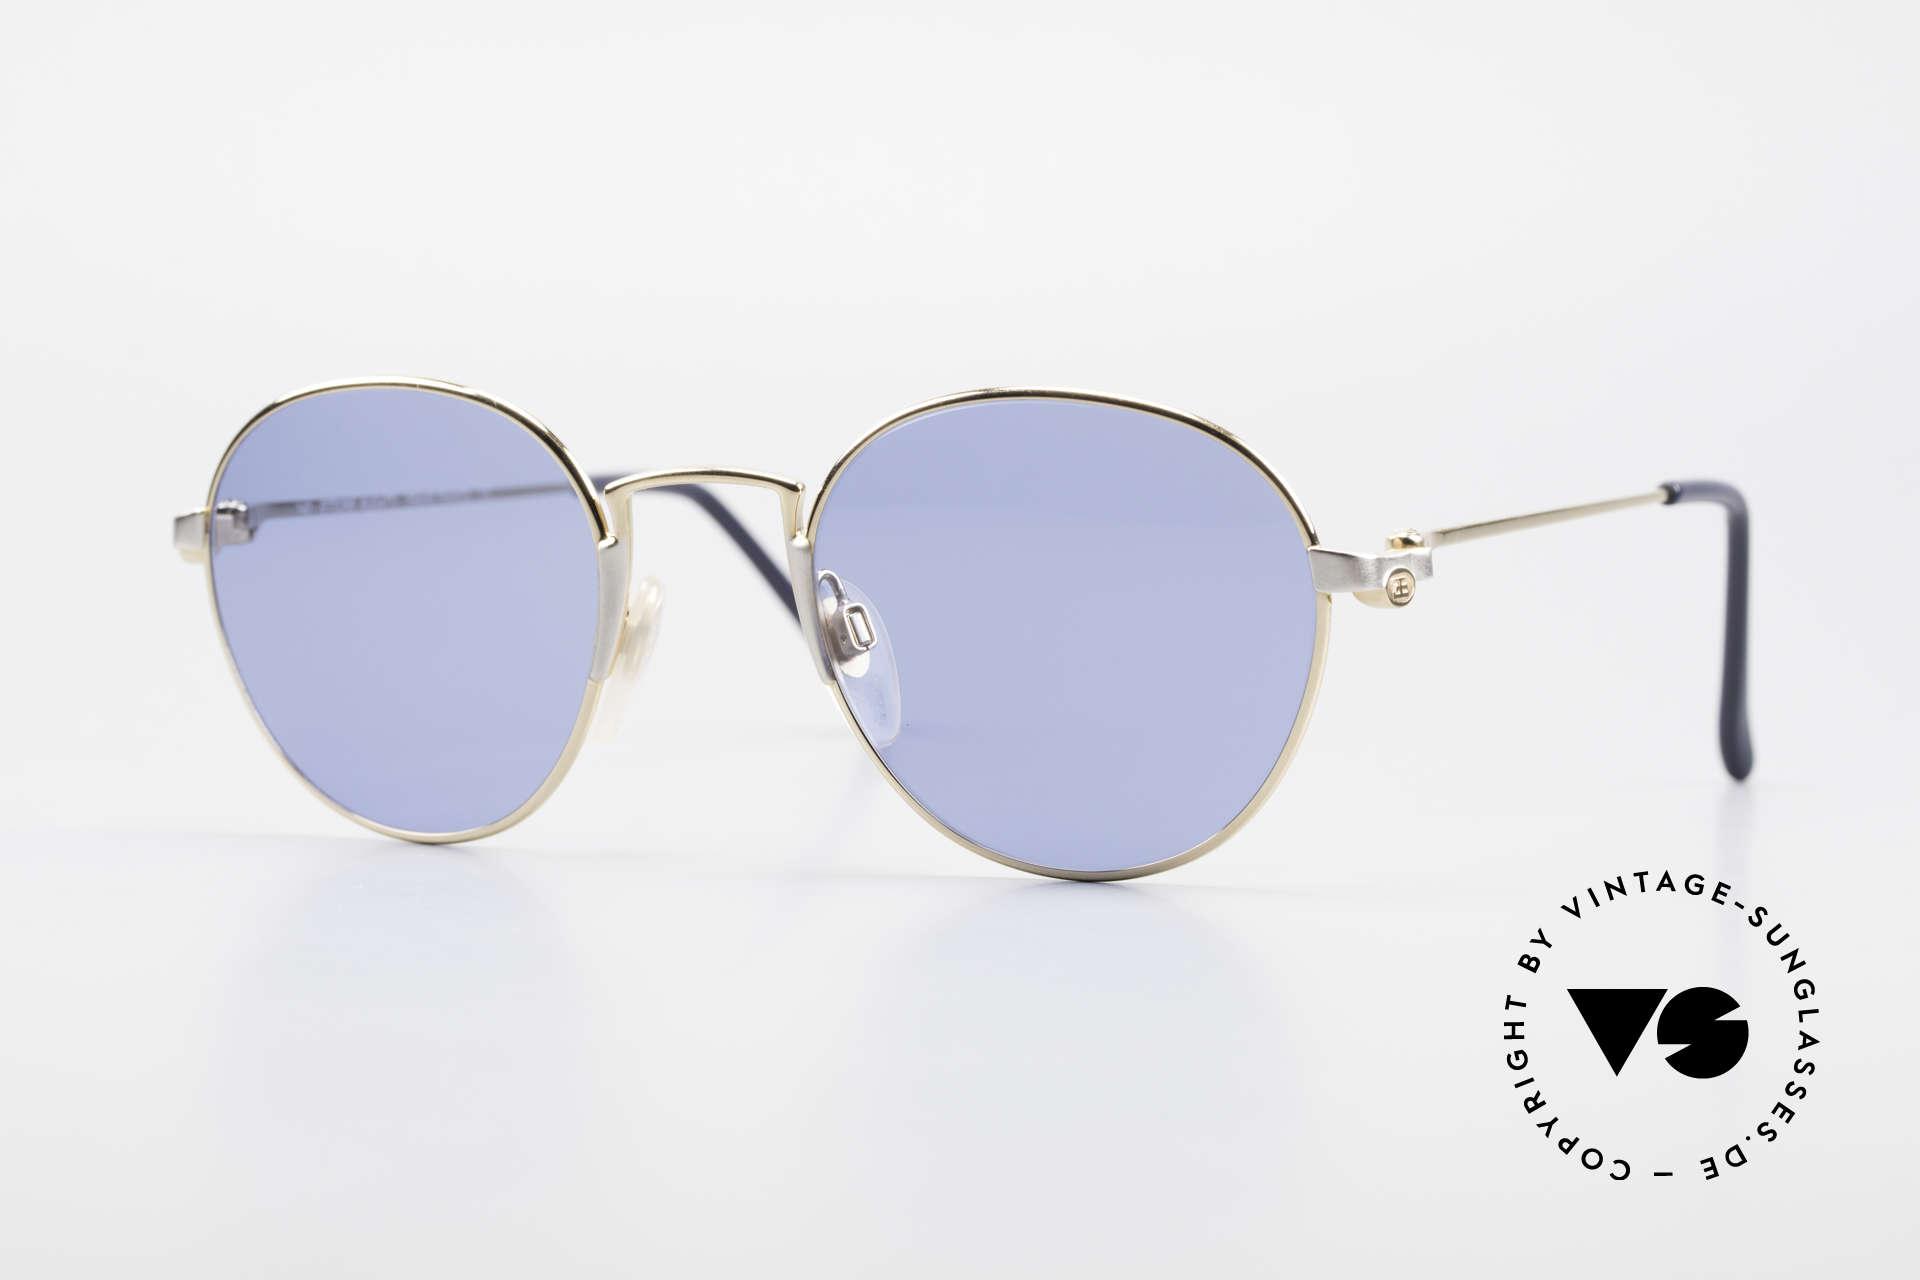 Bugatti EB600 Luxury Bugatti Panto Glasses, rare Bugatti Panto designer sunglasses M size 49/21, Made for Men